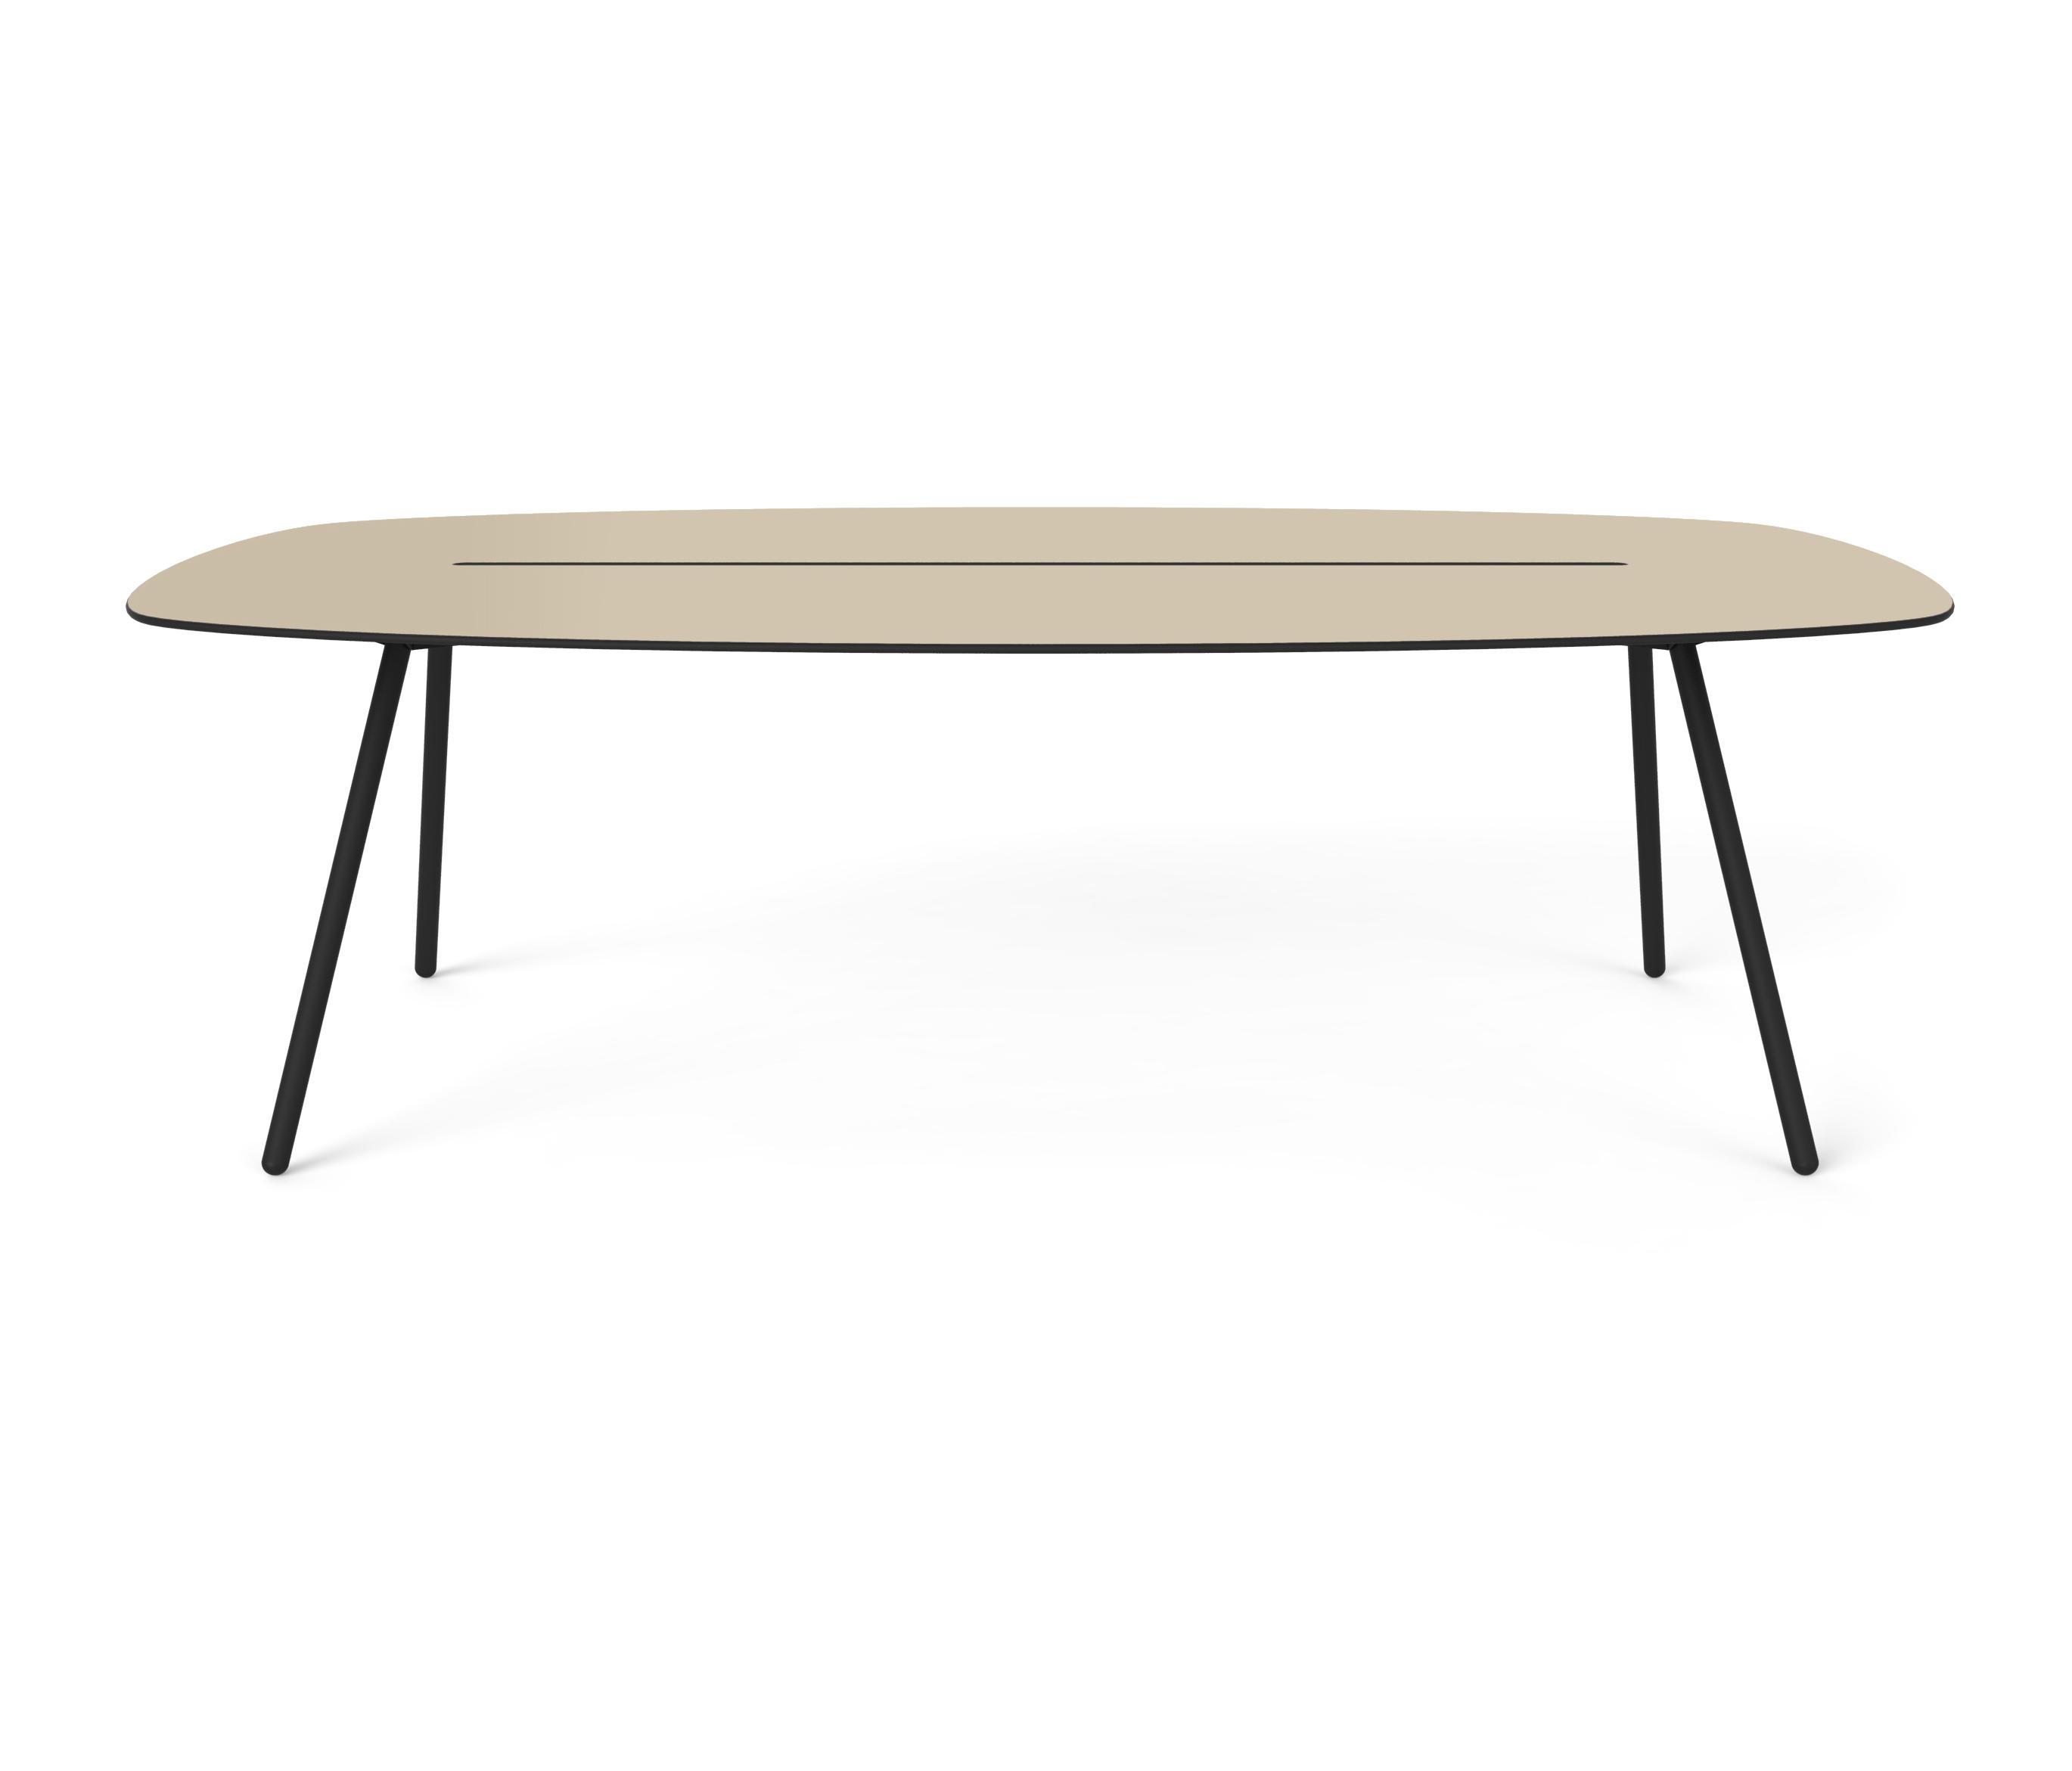 Long board a lowha 240x110 esstisch konferenztisch for Esstisch 240 x 110